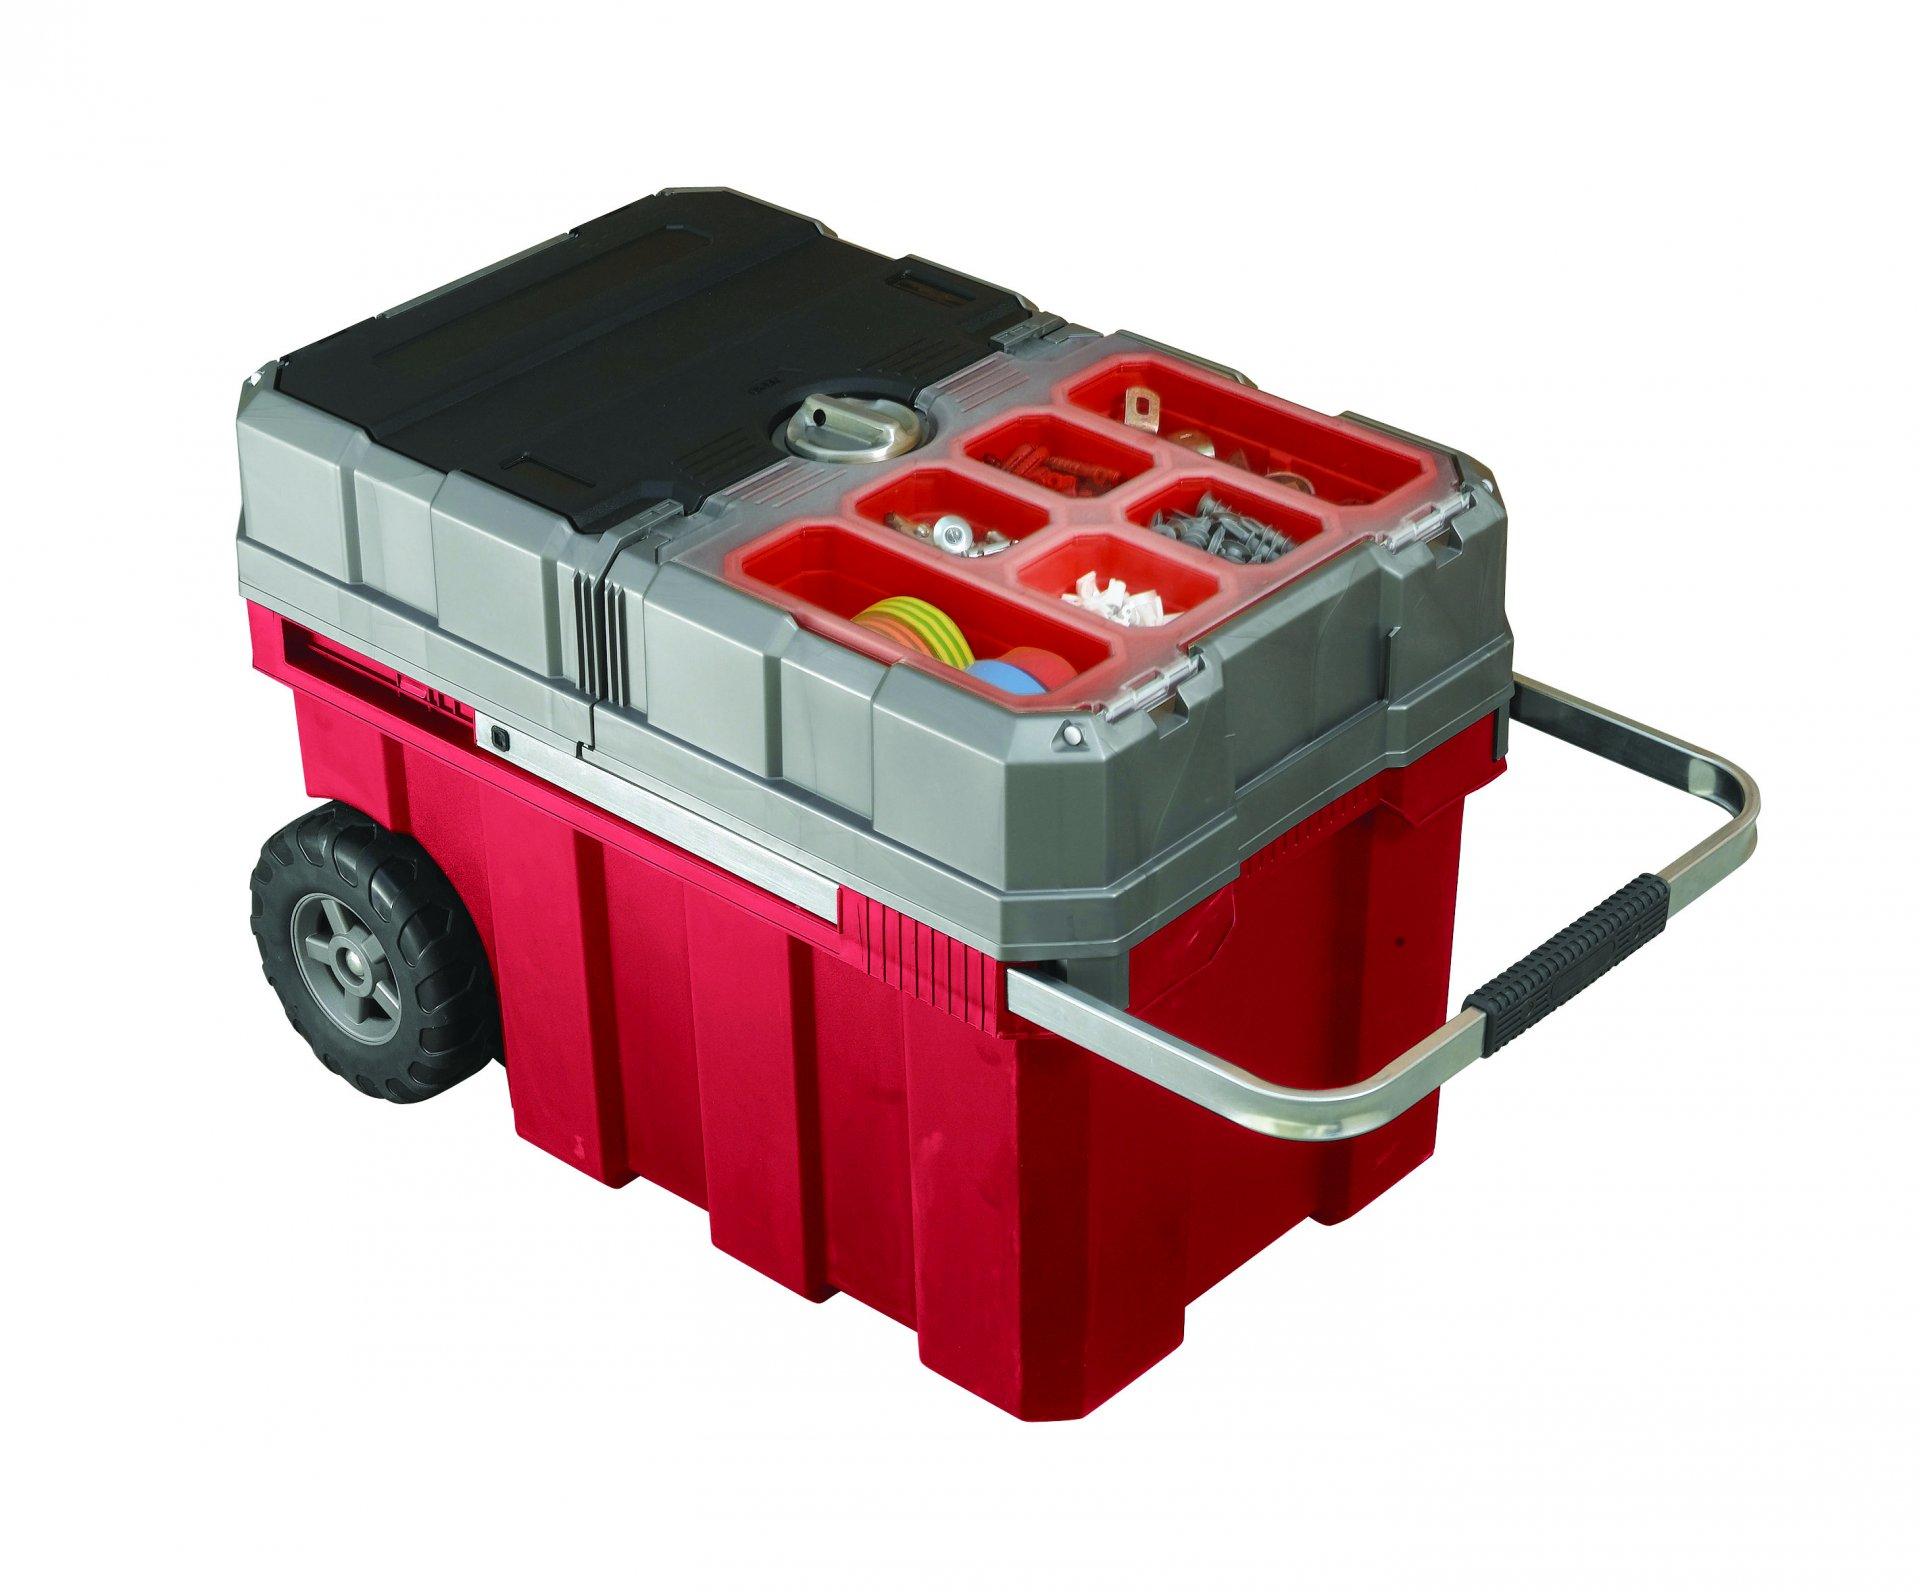 Keter kufr na nářadí s kolečky červený 61,6x37,8x41,5cm